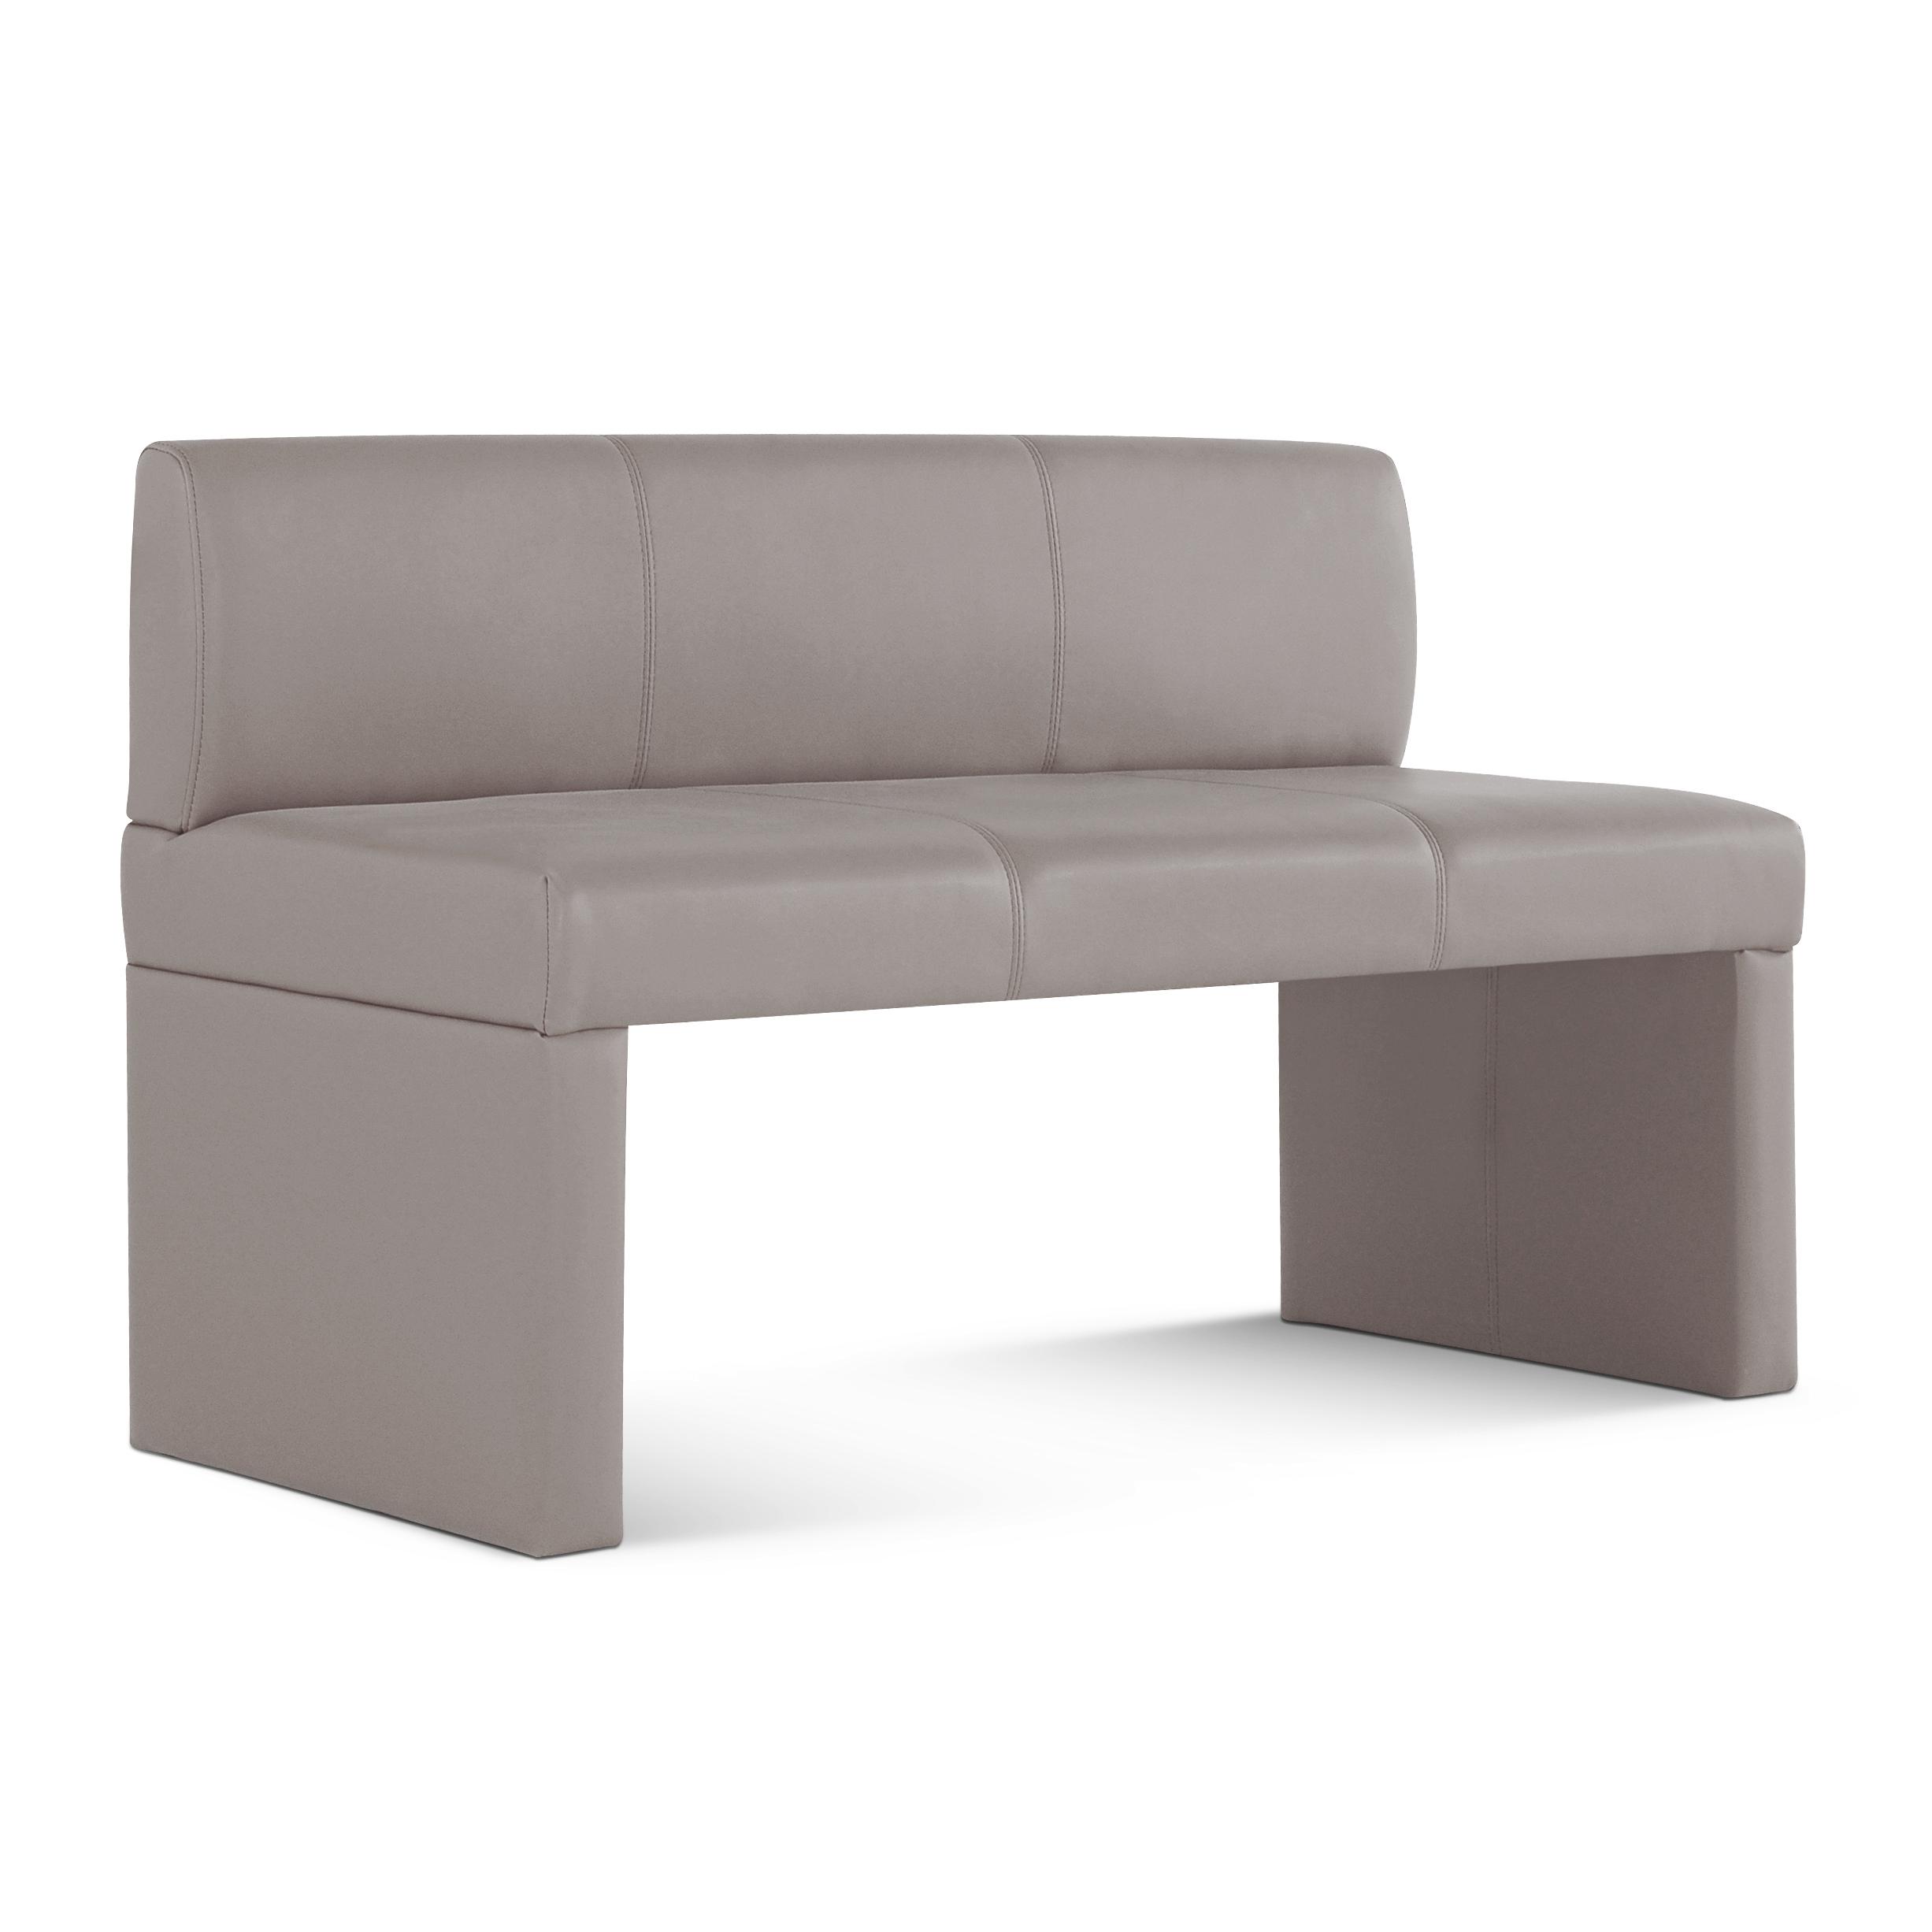 sam sitzbank mit lehne muddy 126 cm recyceltes leder talea. Black Bedroom Furniture Sets. Home Design Ideas